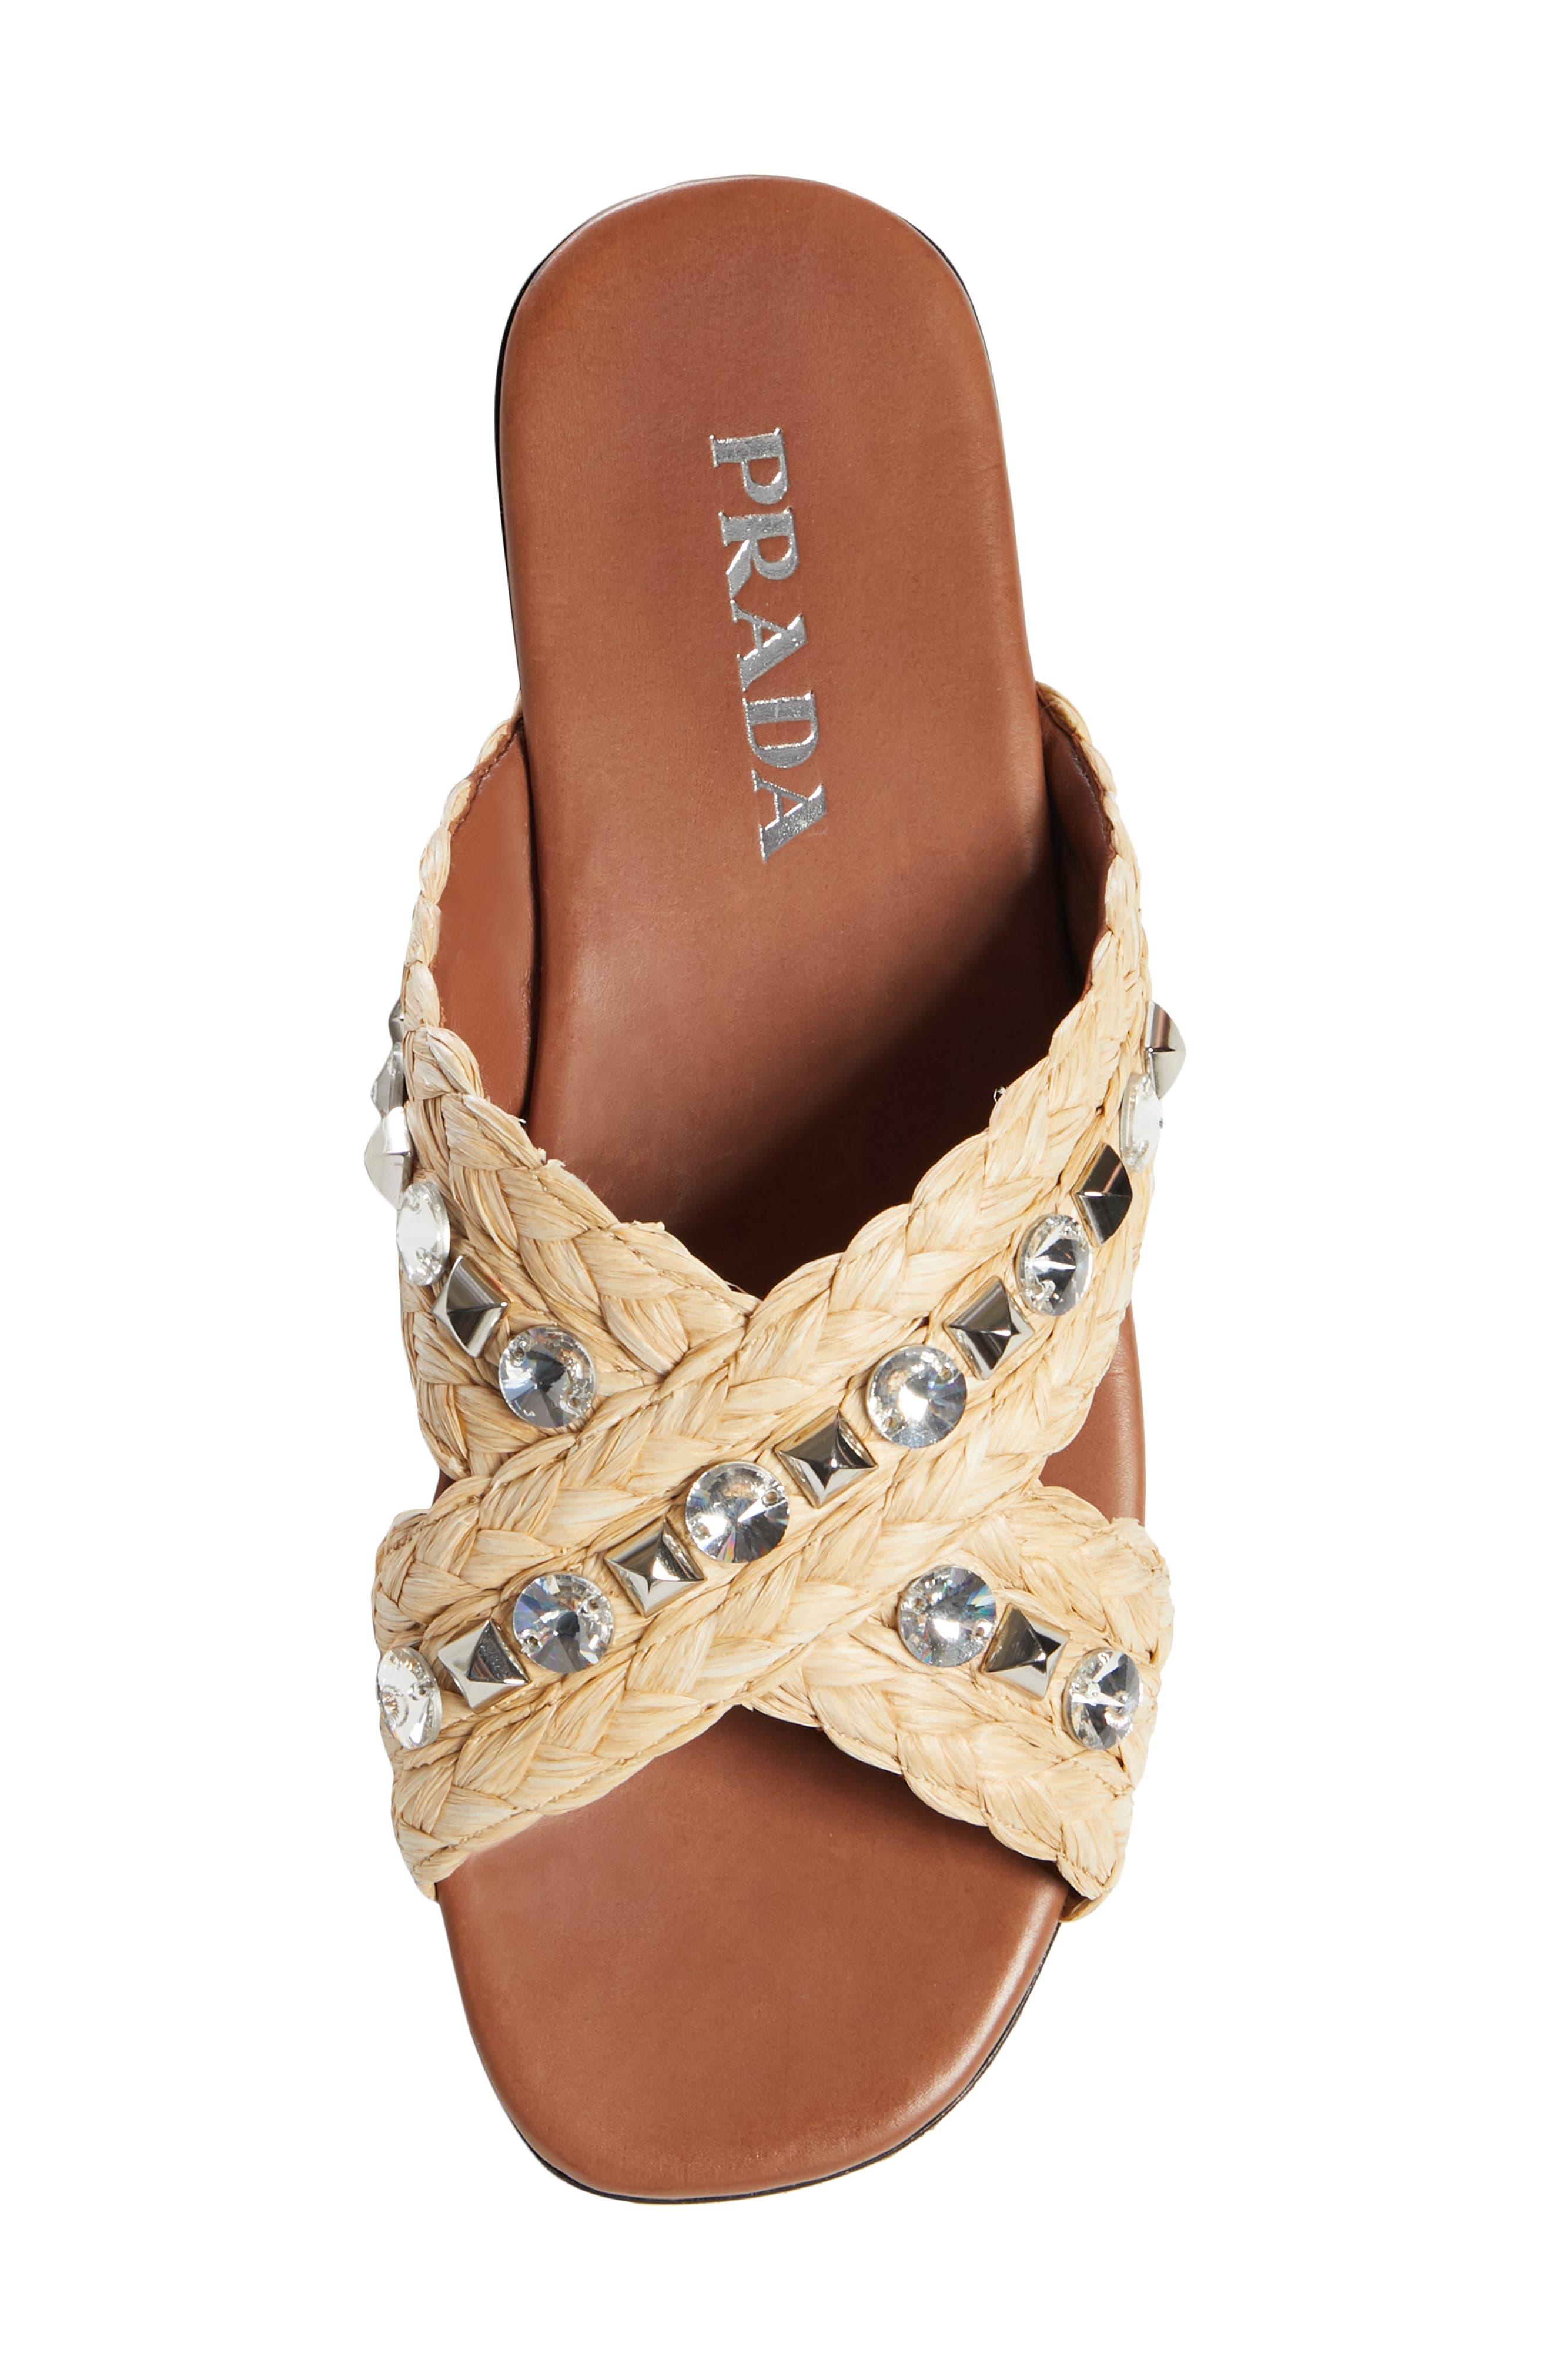 PRADA,                             Embellished Slide Sandal,                             Alternate thumbnail 5, color,                             NATURAL RAFFIA